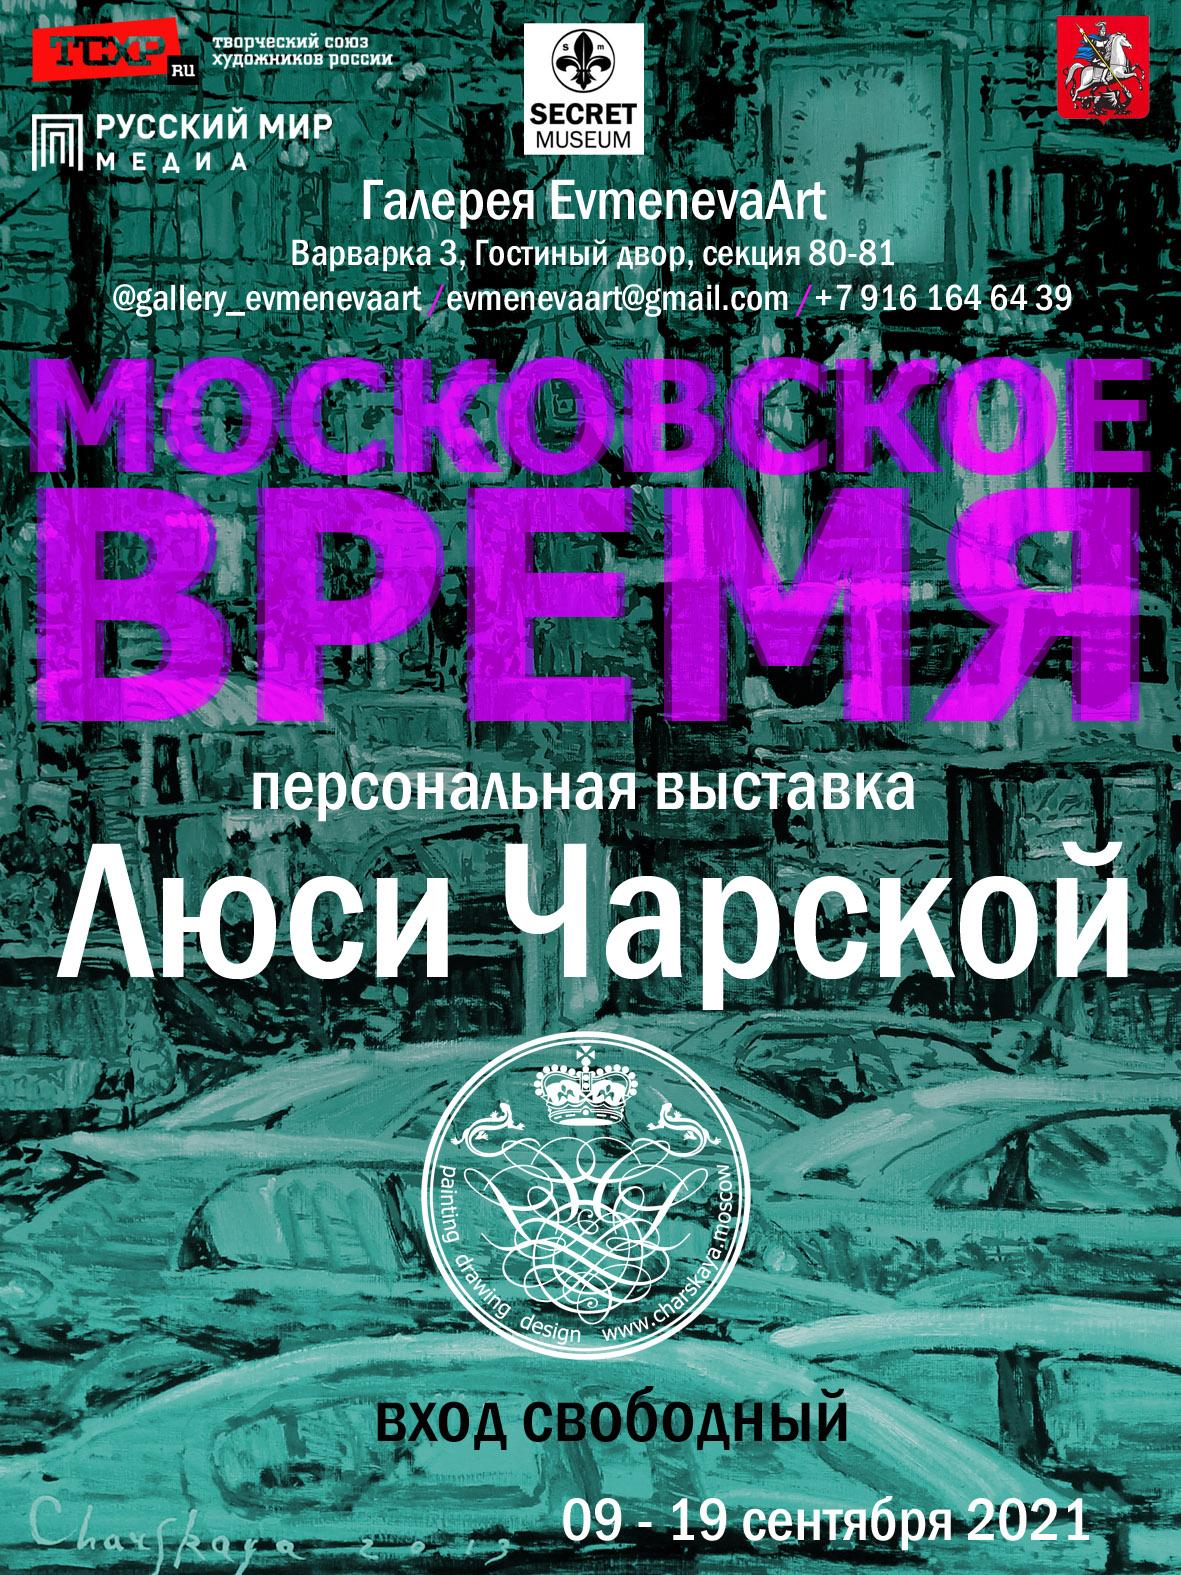 Выставка Люси Чарской «Московское время»